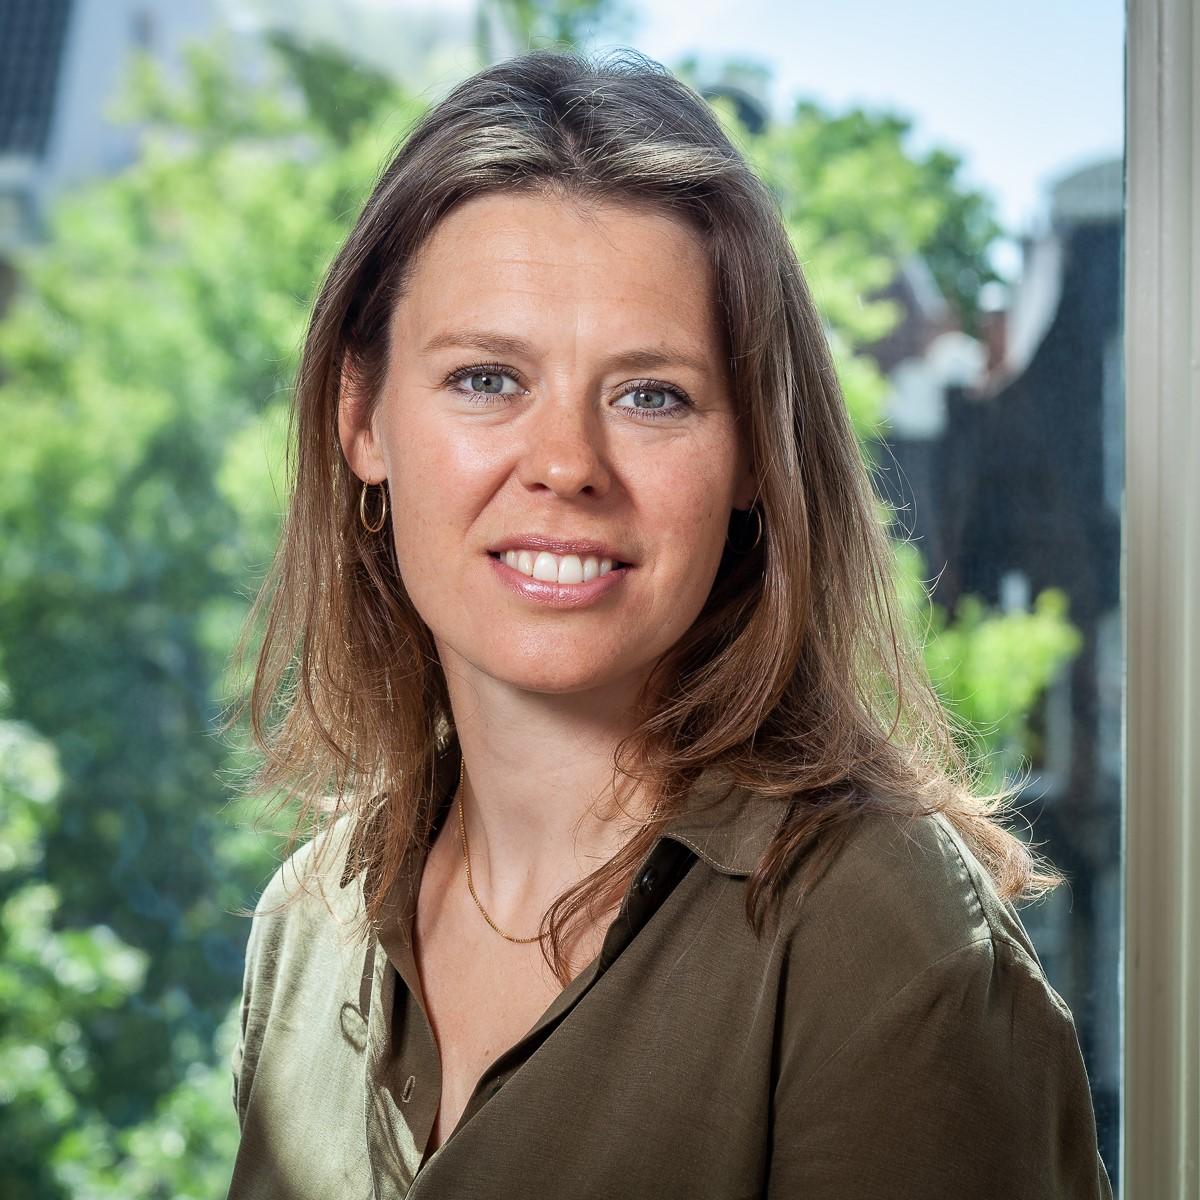 Nienke de Jong